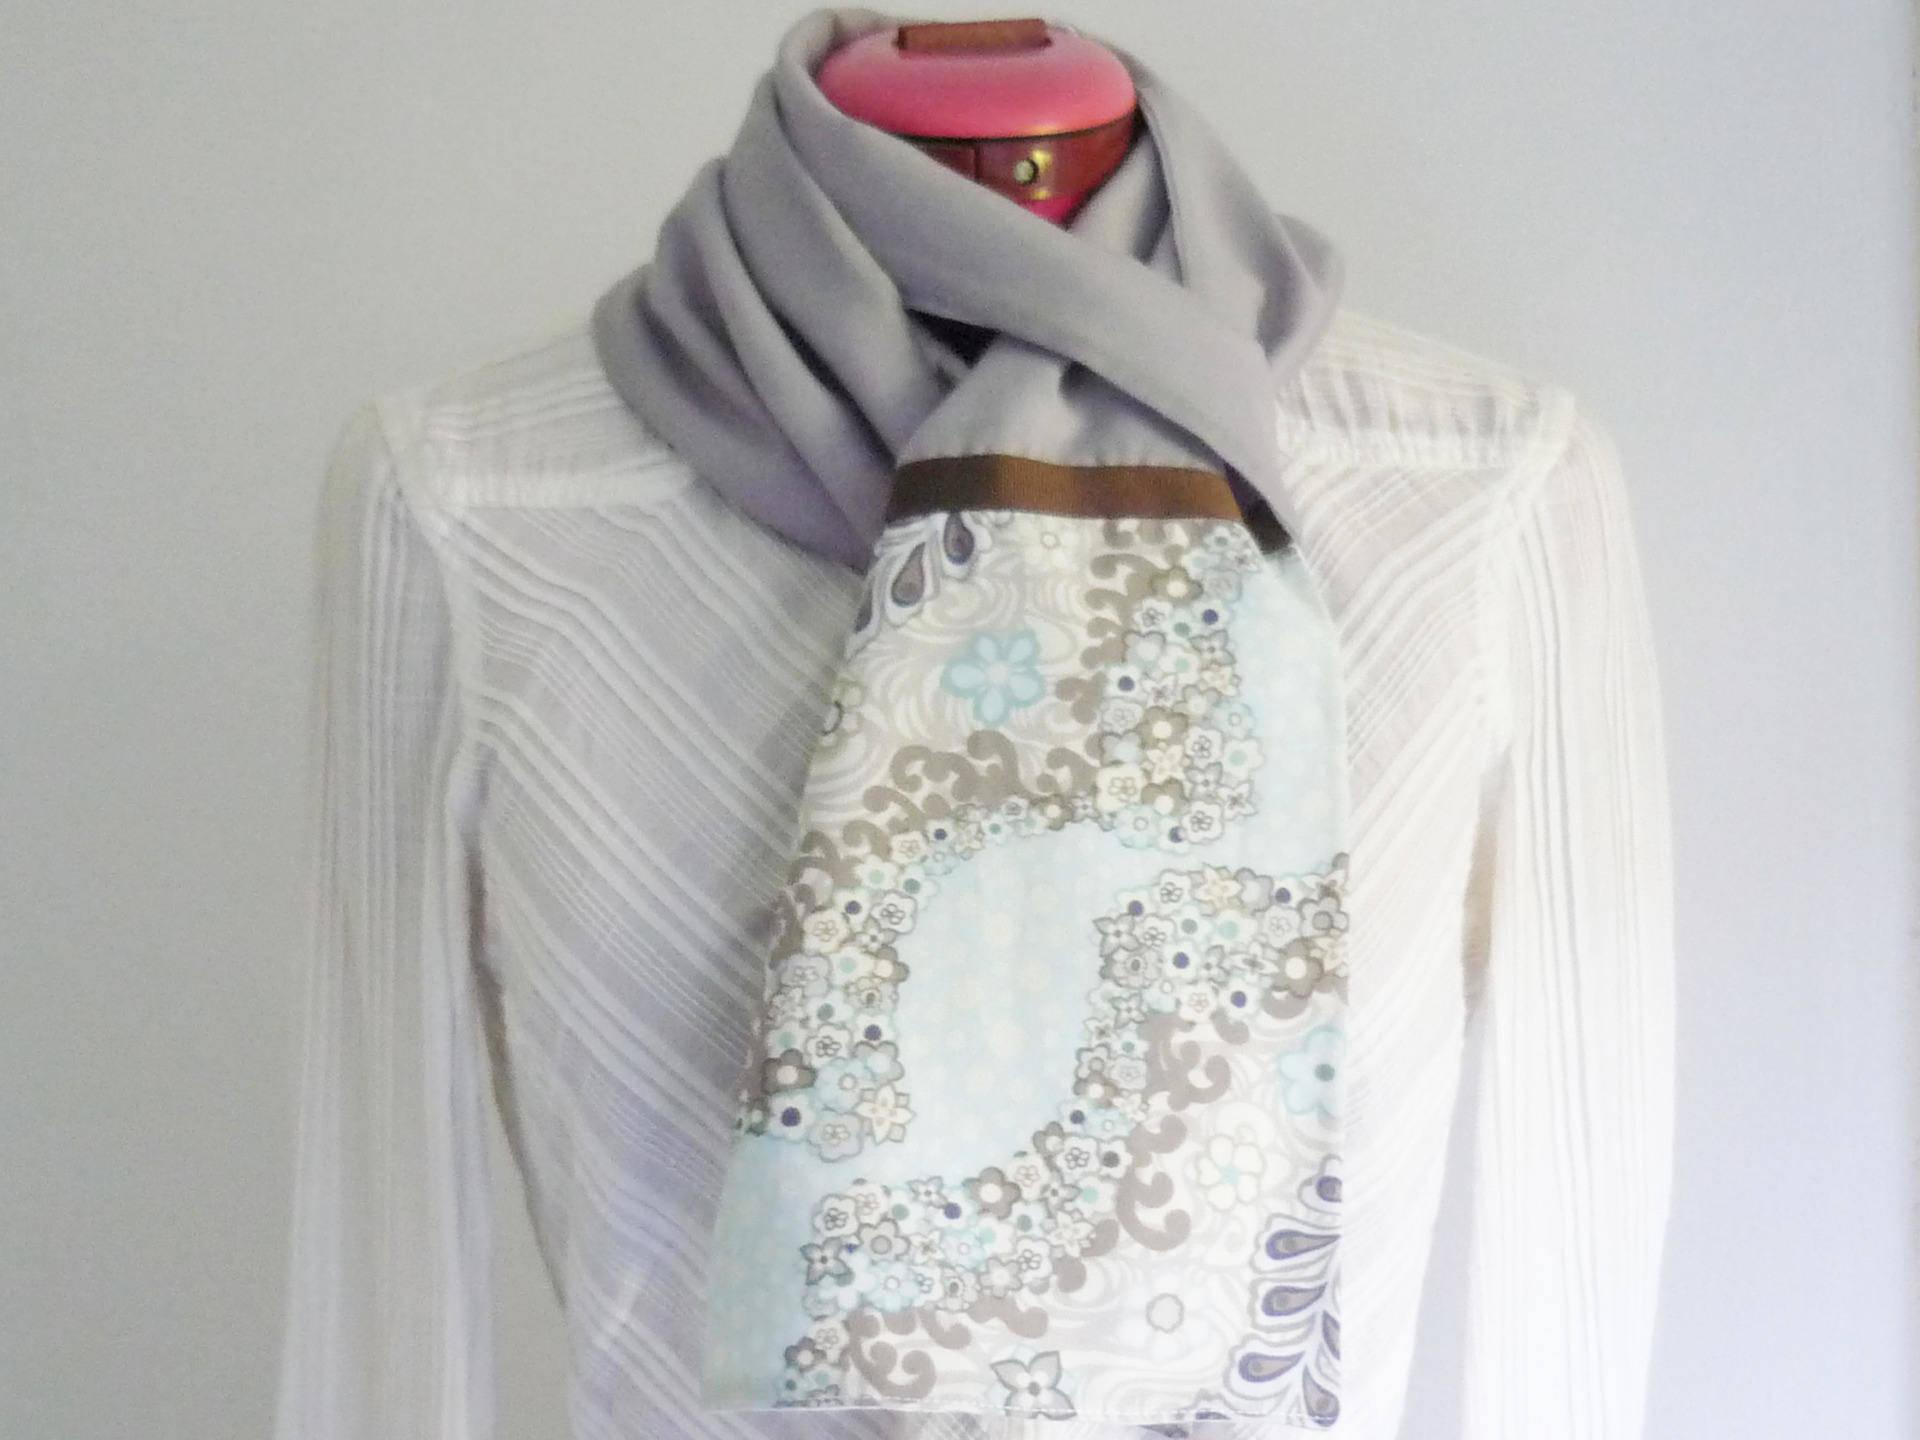 Foulard Esprit Japonais (modèle 05) - modèle unique - Foulard écharpe réversible en coton